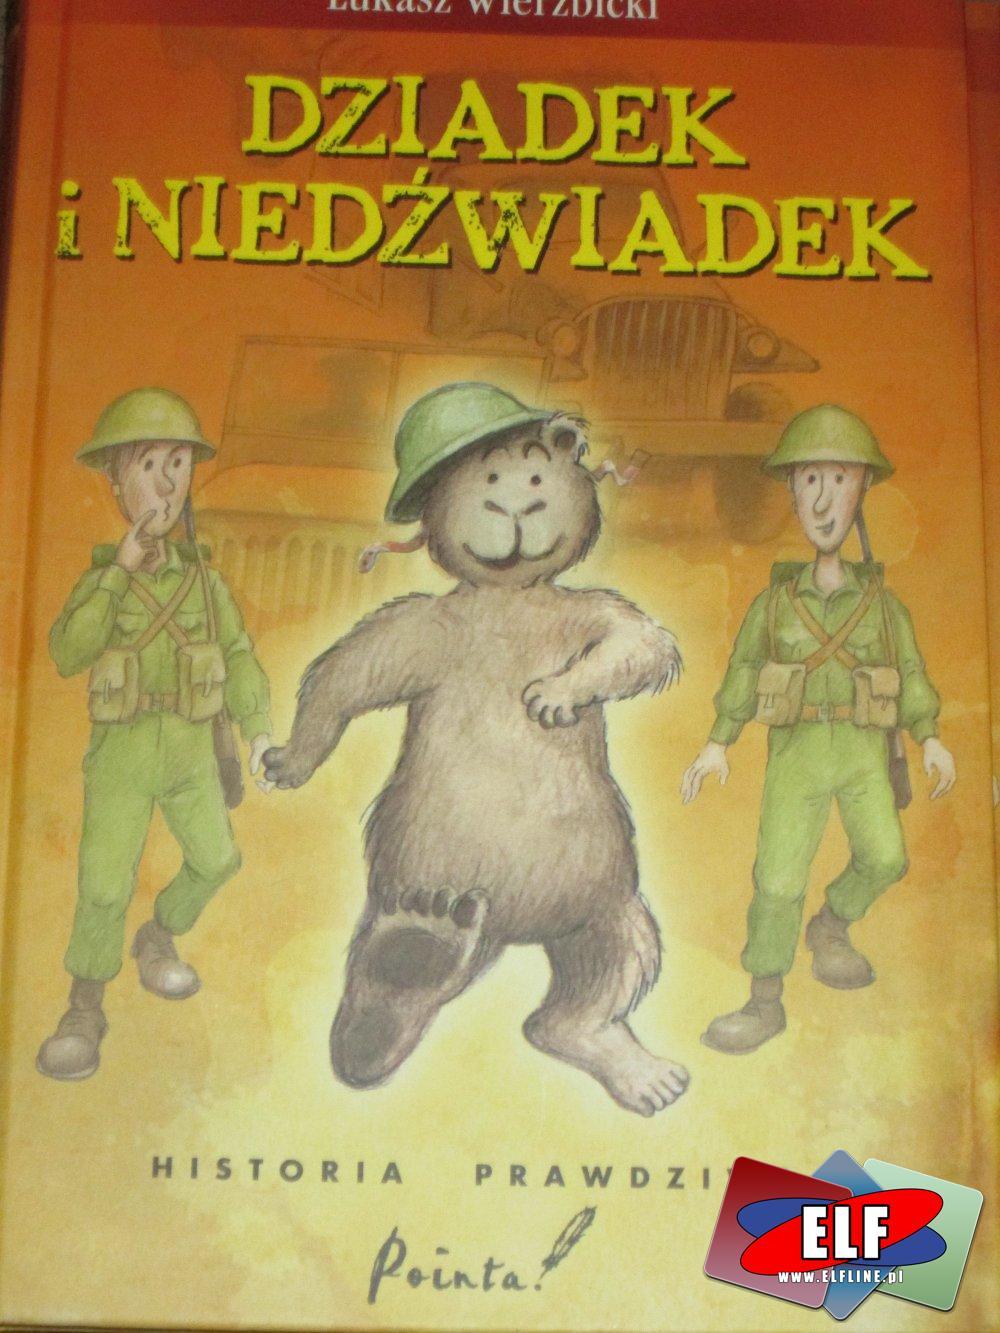 Dziadek i Niedźwiadek - Lektury szkolne - Lektura szkolna - Książka, Książki